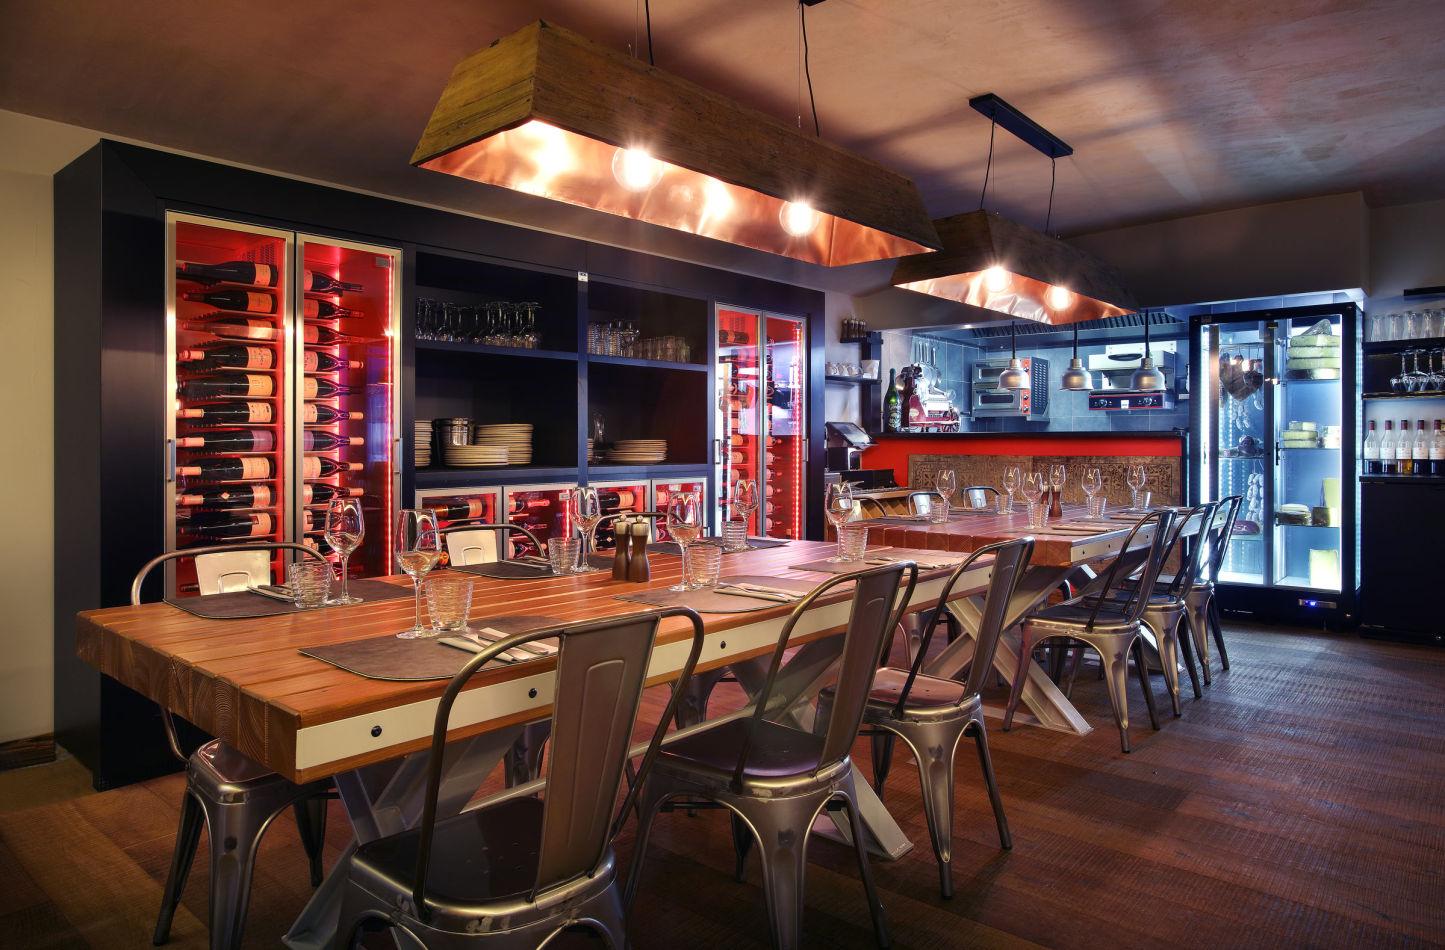 cave-restaurant-10